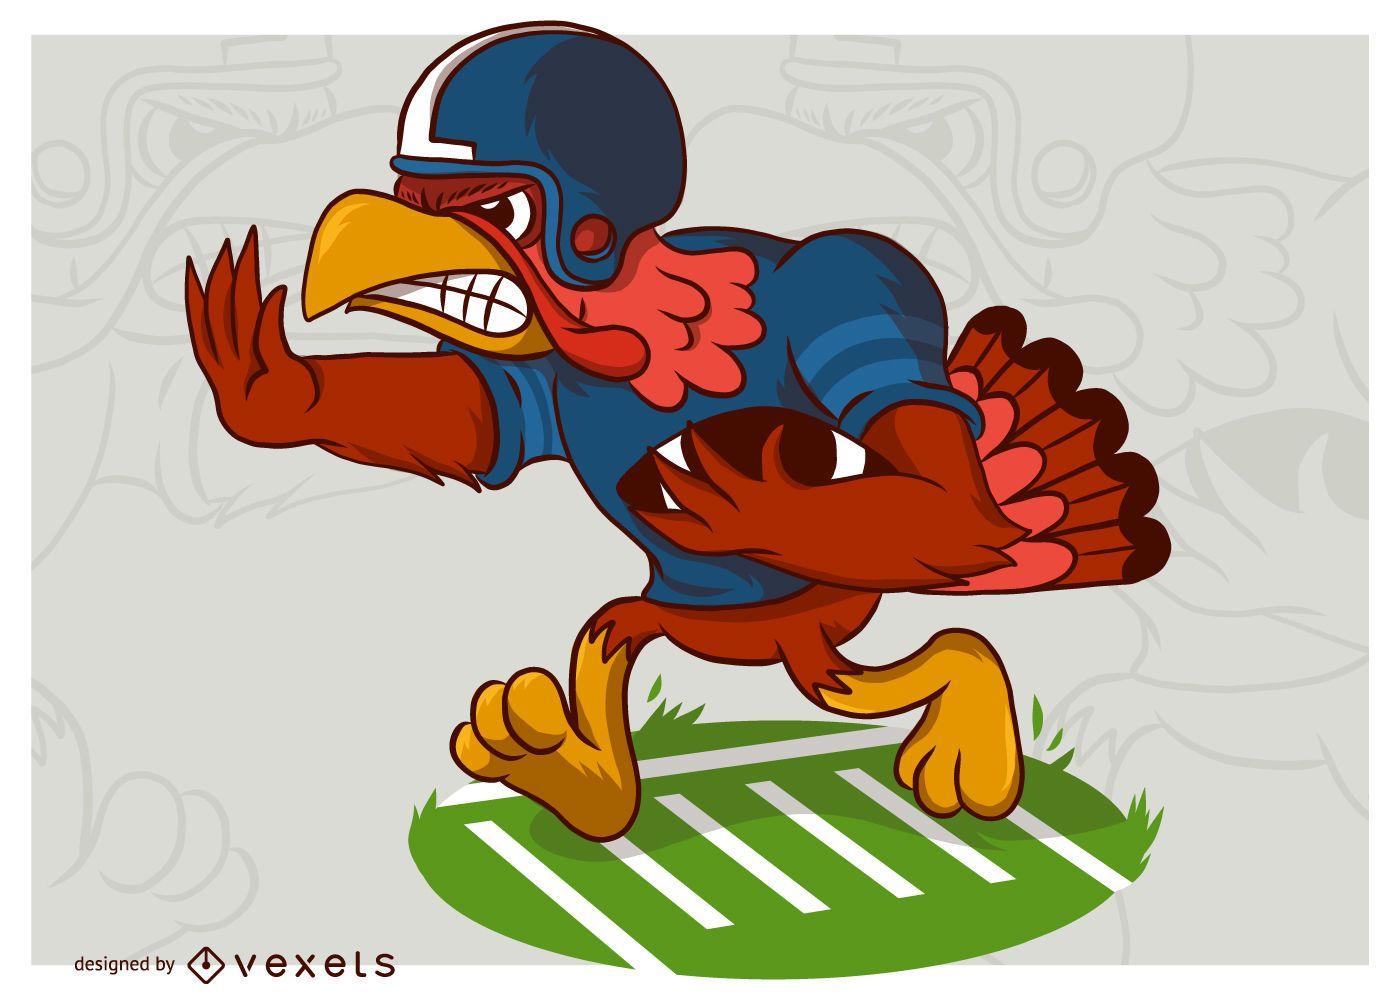 Thanksgiving Turkey Football Player Cartoon Vector Illustration